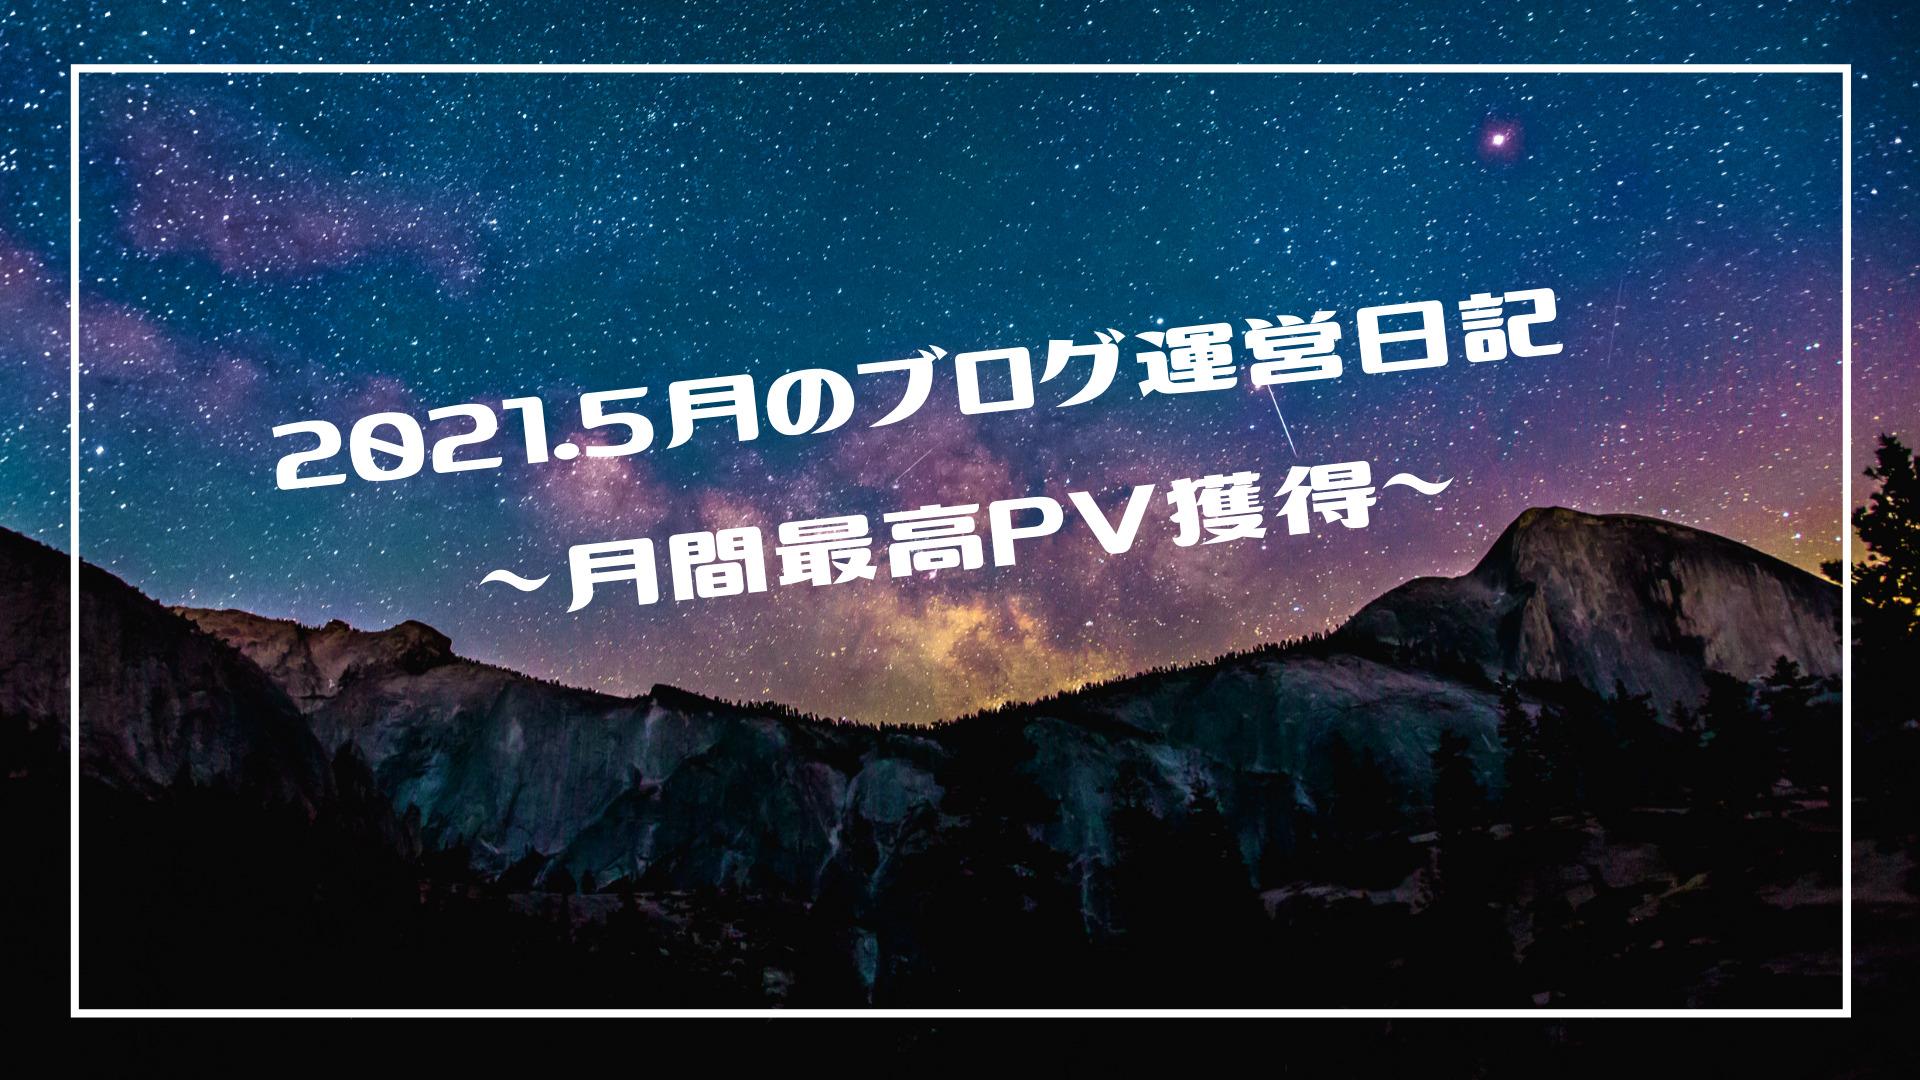 2021.5月のブログ運営日記 ~月間最高PV獲得~